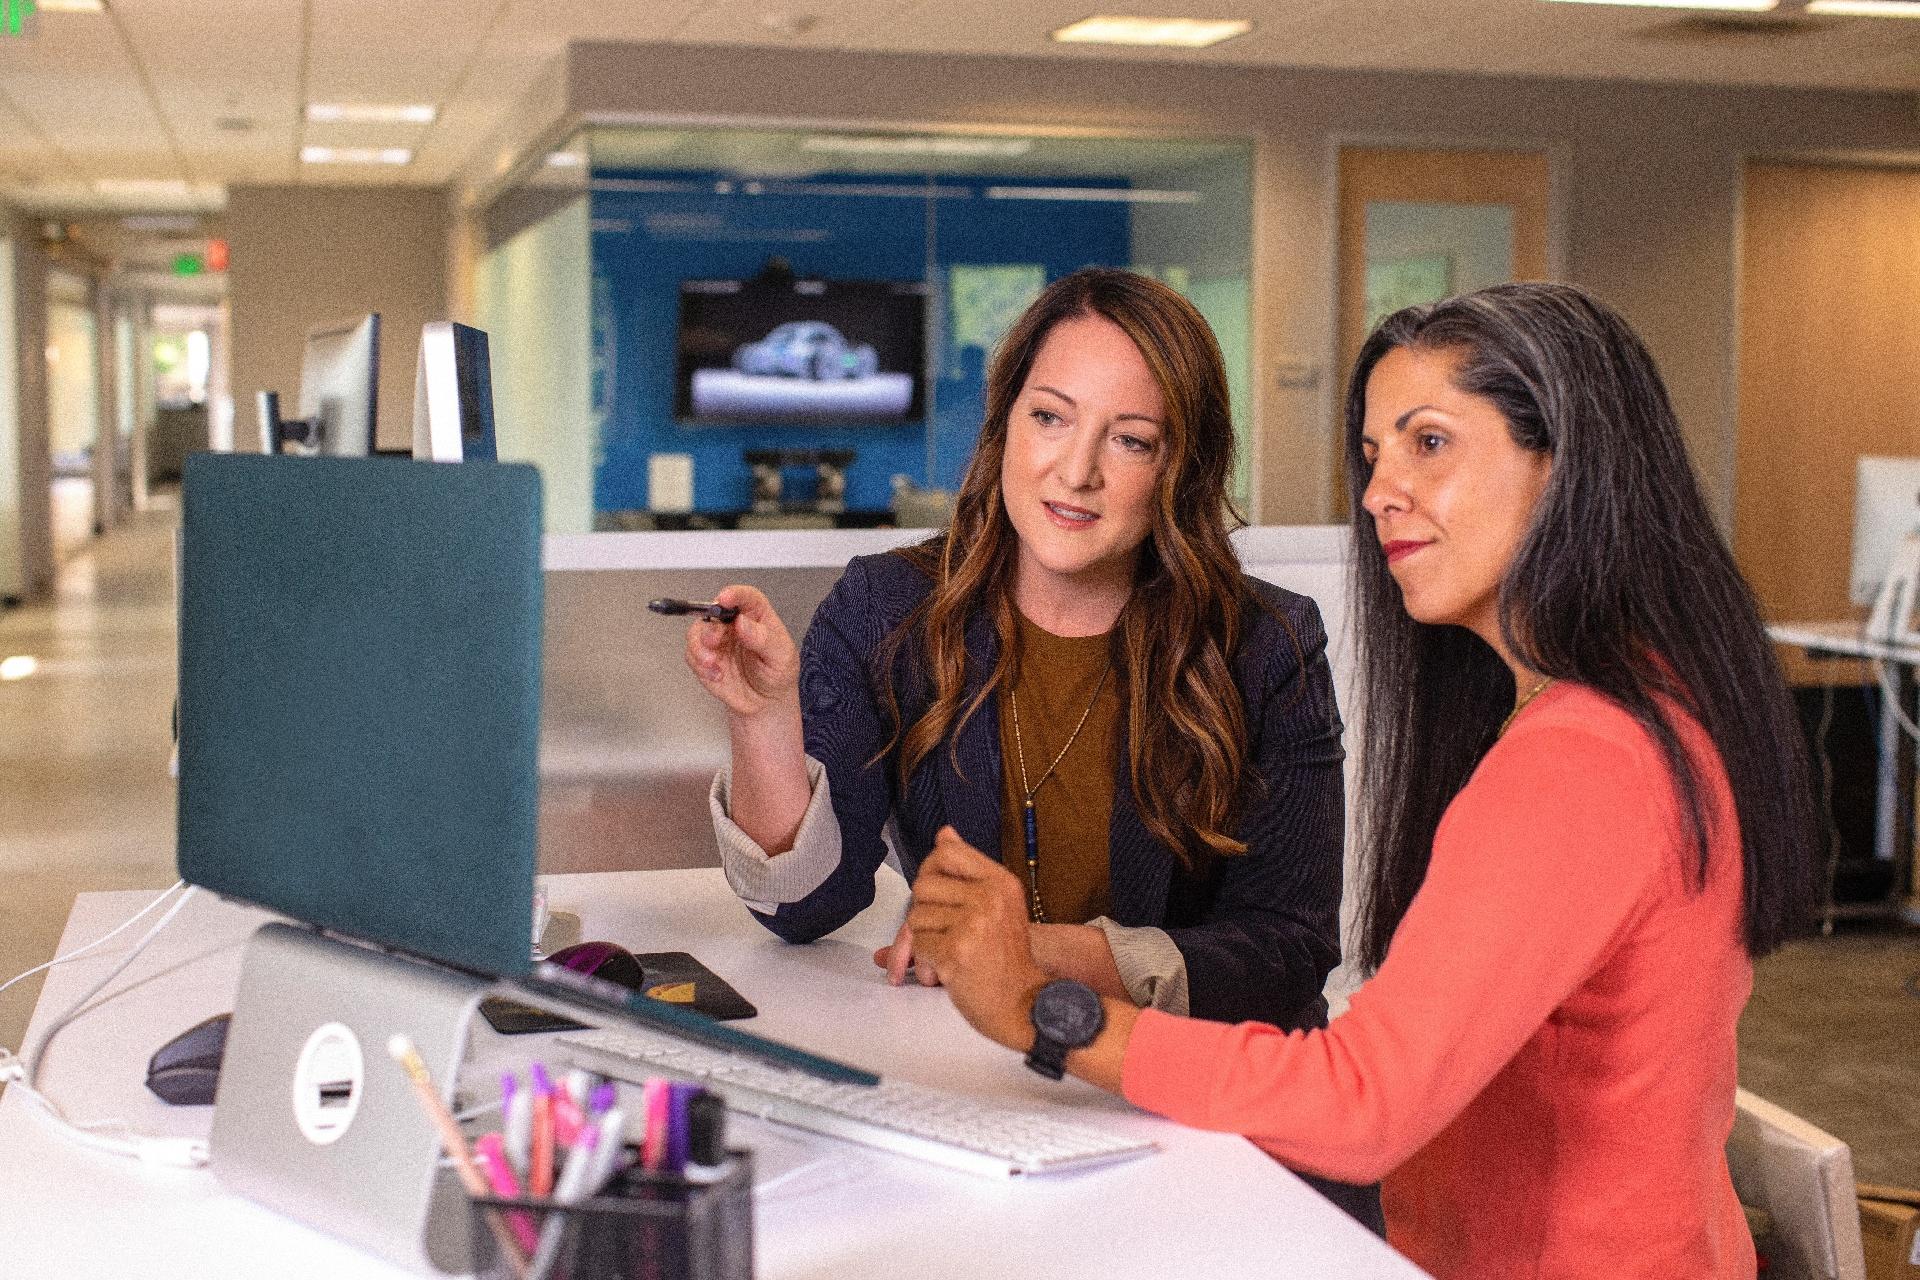 """Unternehmen """"locken"""" mit schlechtem Service-Design_cmm360_Photo by LinkedIn Sales Solutions on Unsplash"""